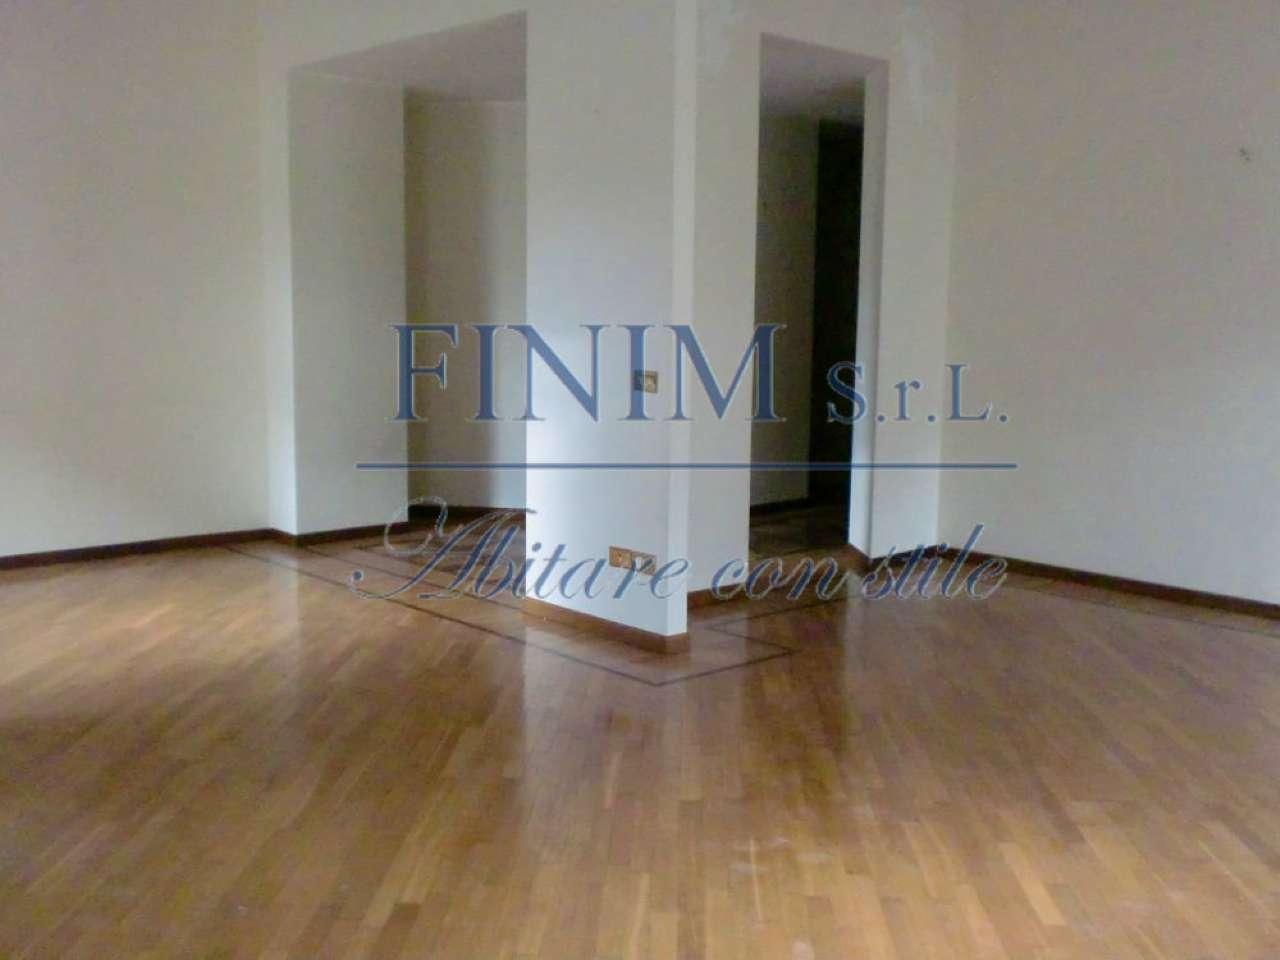 Appartamento in Vendita a Milano 01 Centro storico (Cerchia dei Navigli): 5 locali, 190 mq